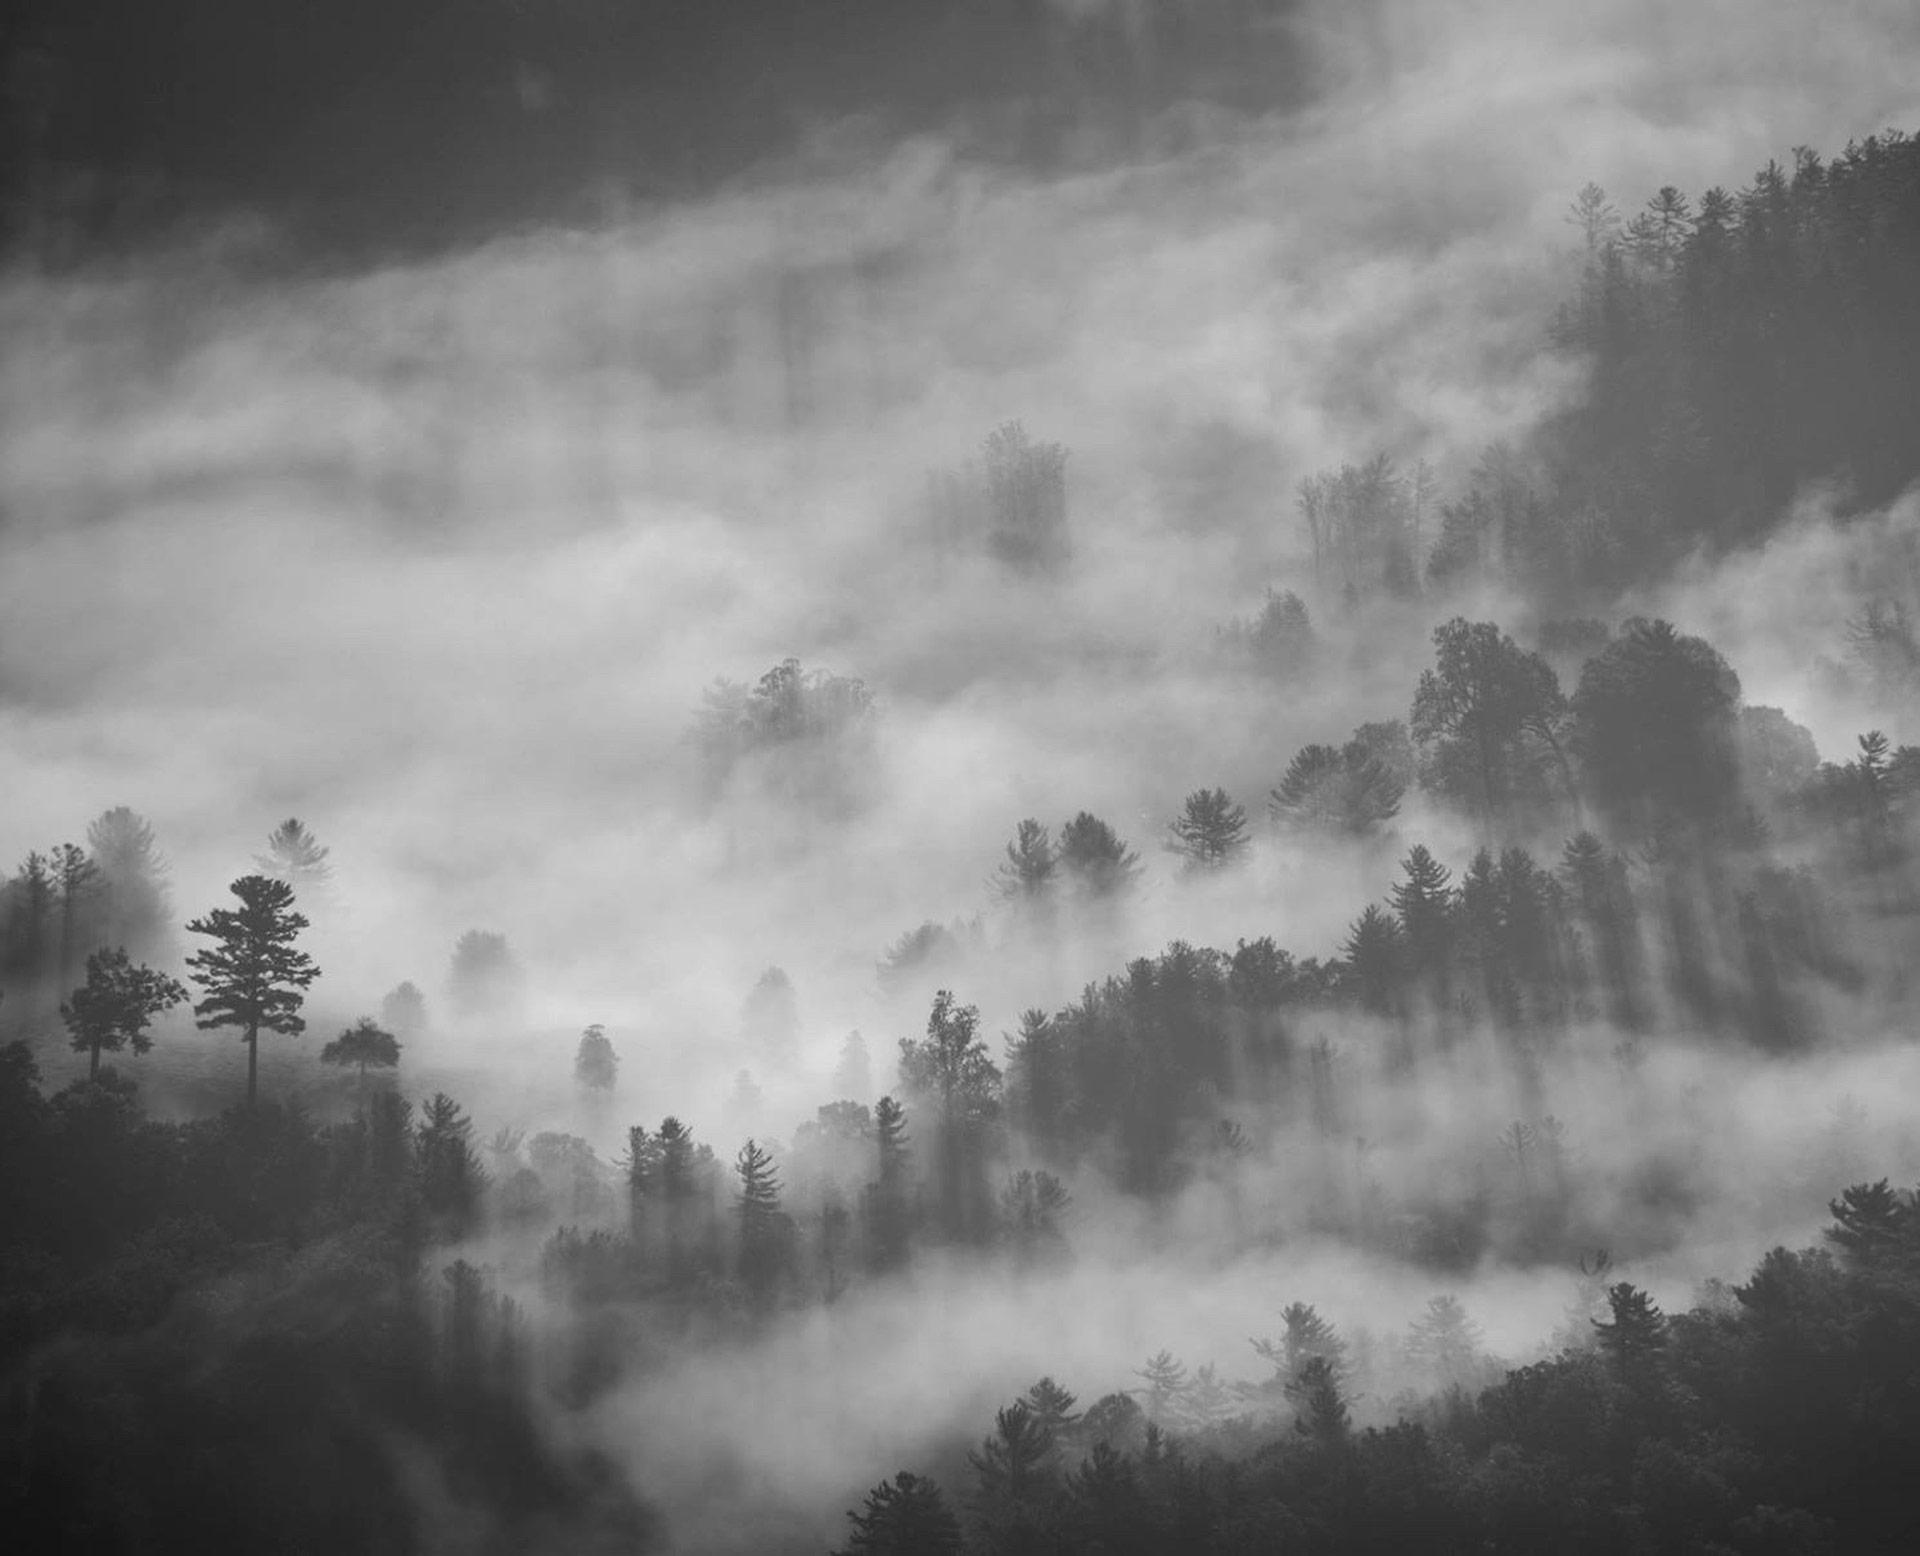 Immagine della foresta incantata - Le Cronache Dei 5 Regni - Elvio Ravasio, Autore di libri fantasy